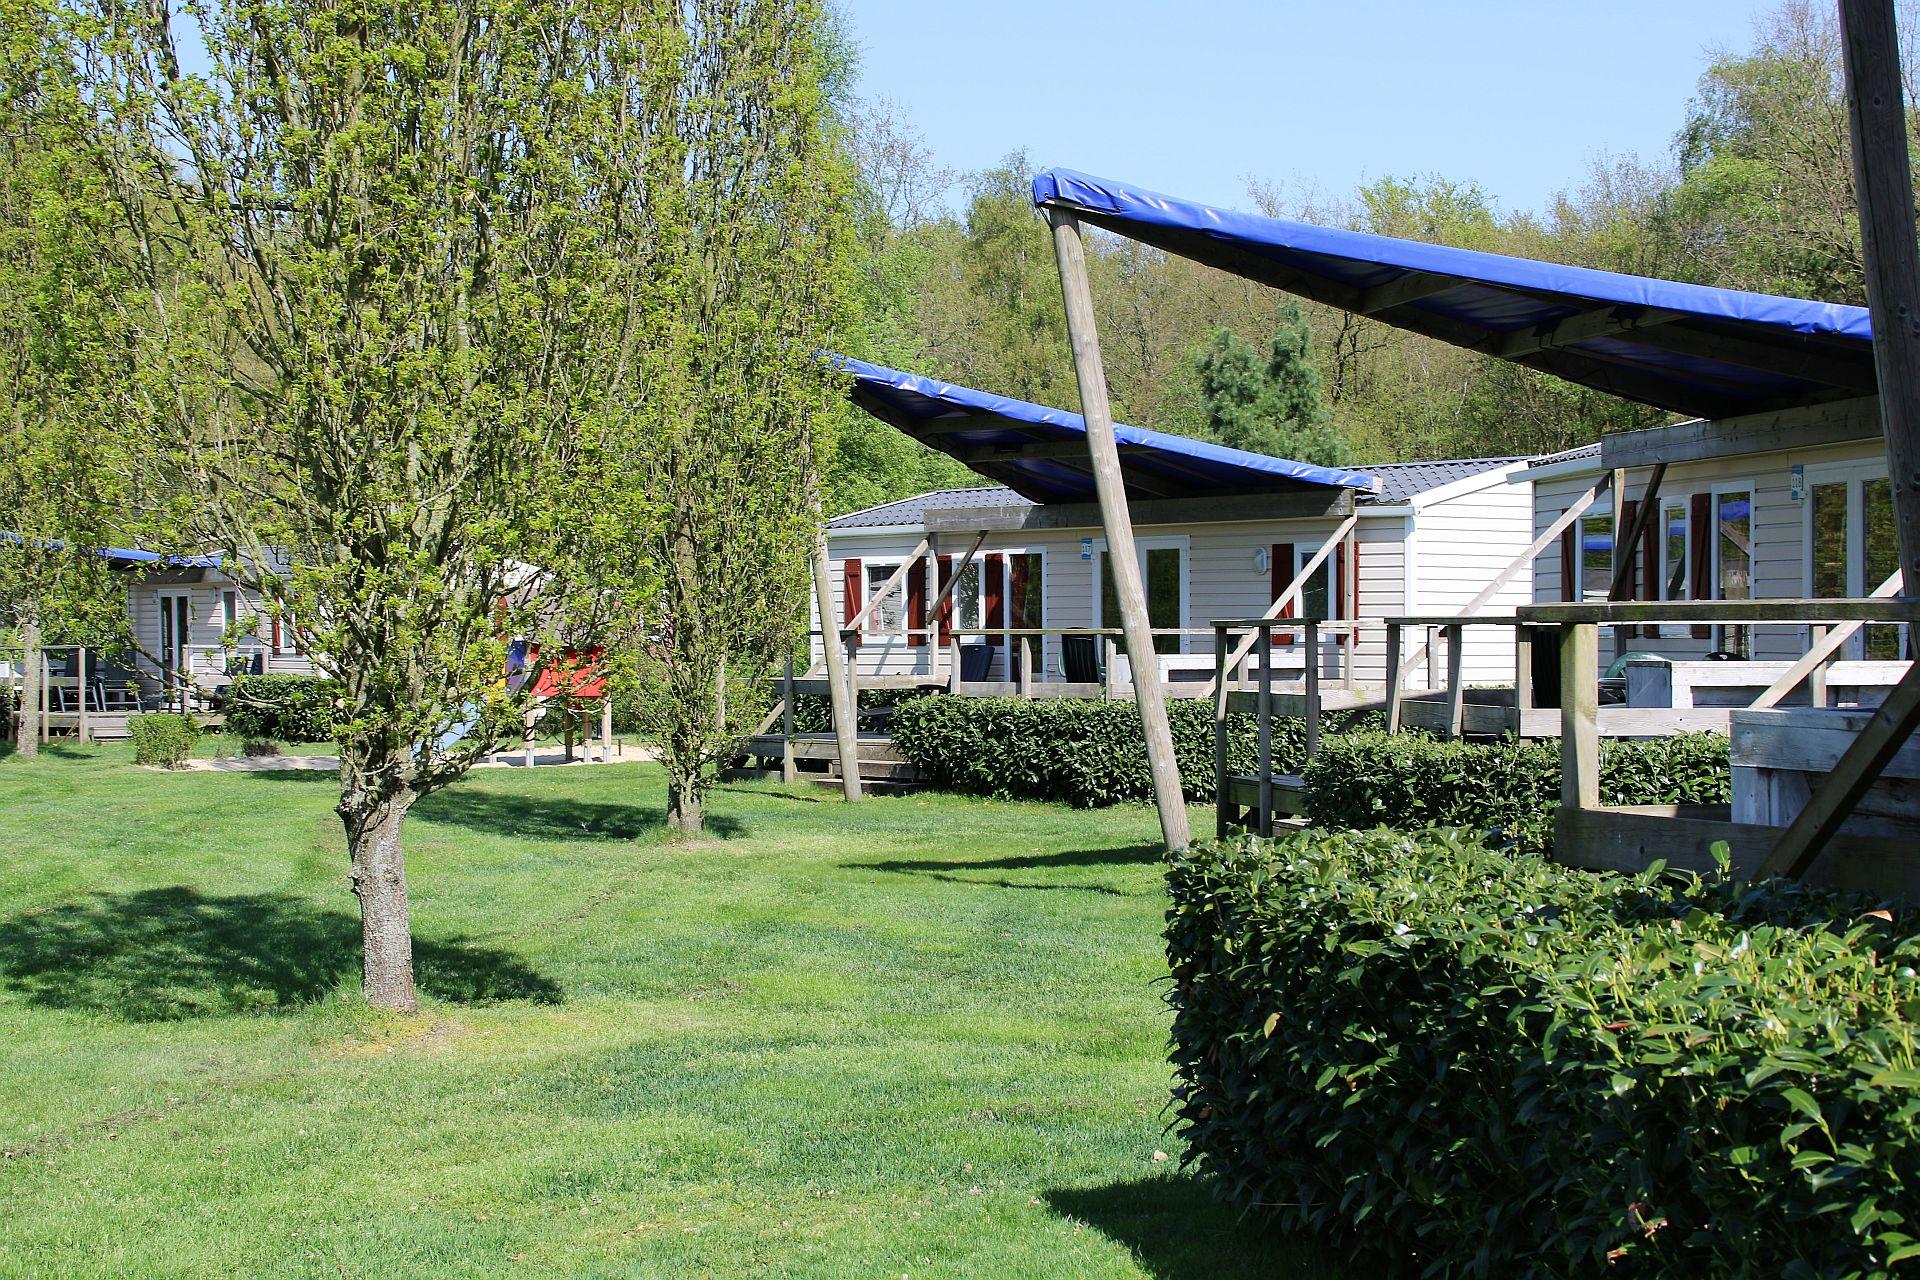 Vakantiehuis huren in Hardenberg - vakantiehuis huren in Hardenberg